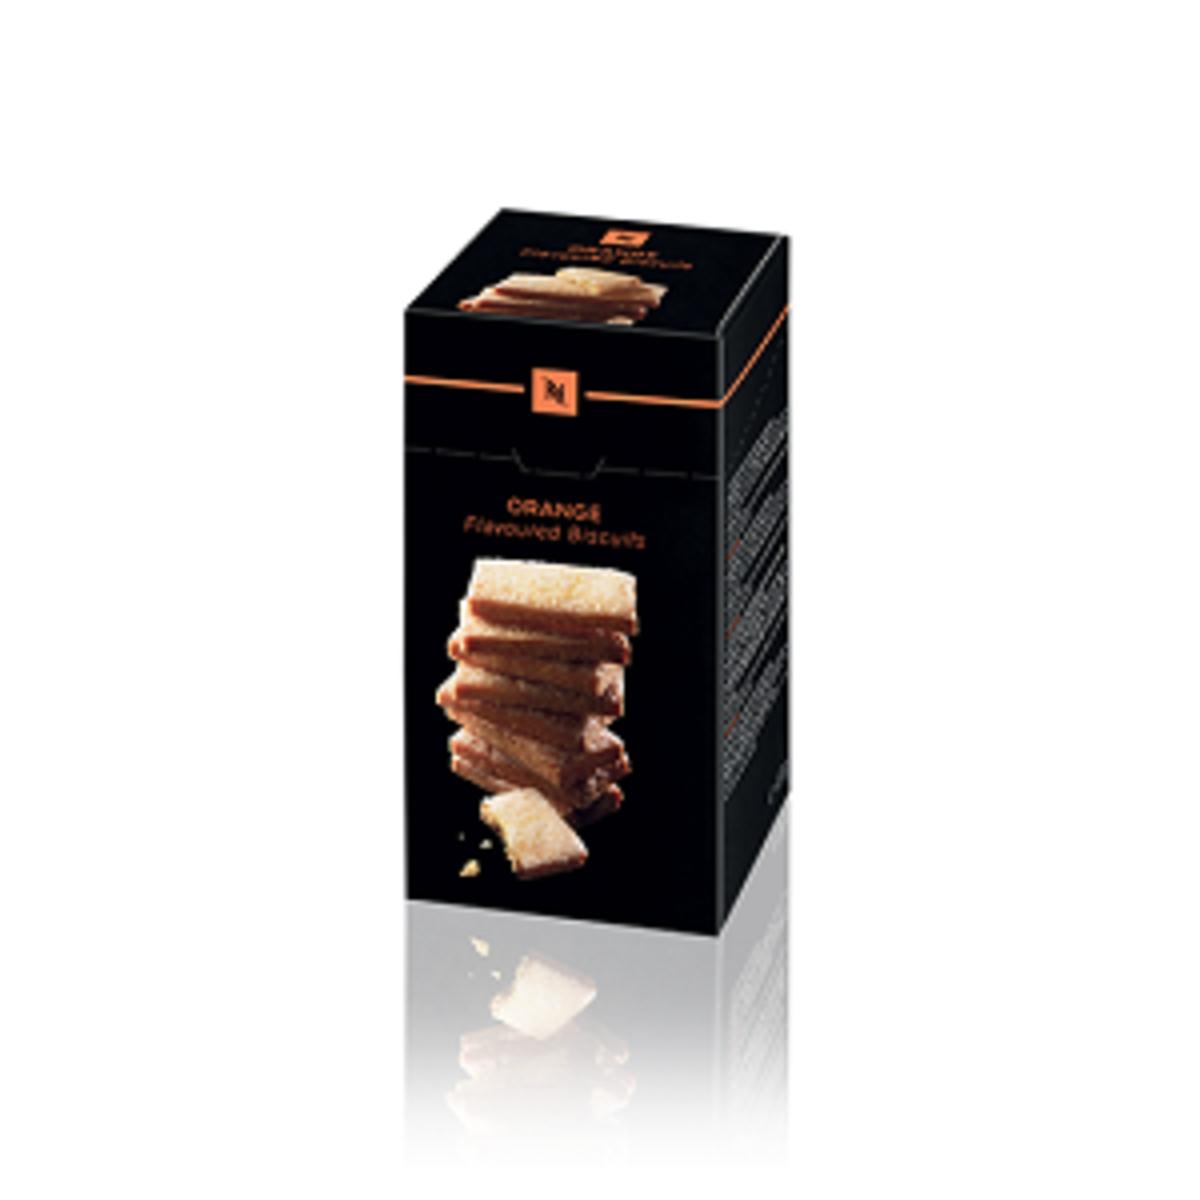 Nespresso Orange Flavoured Biscuits